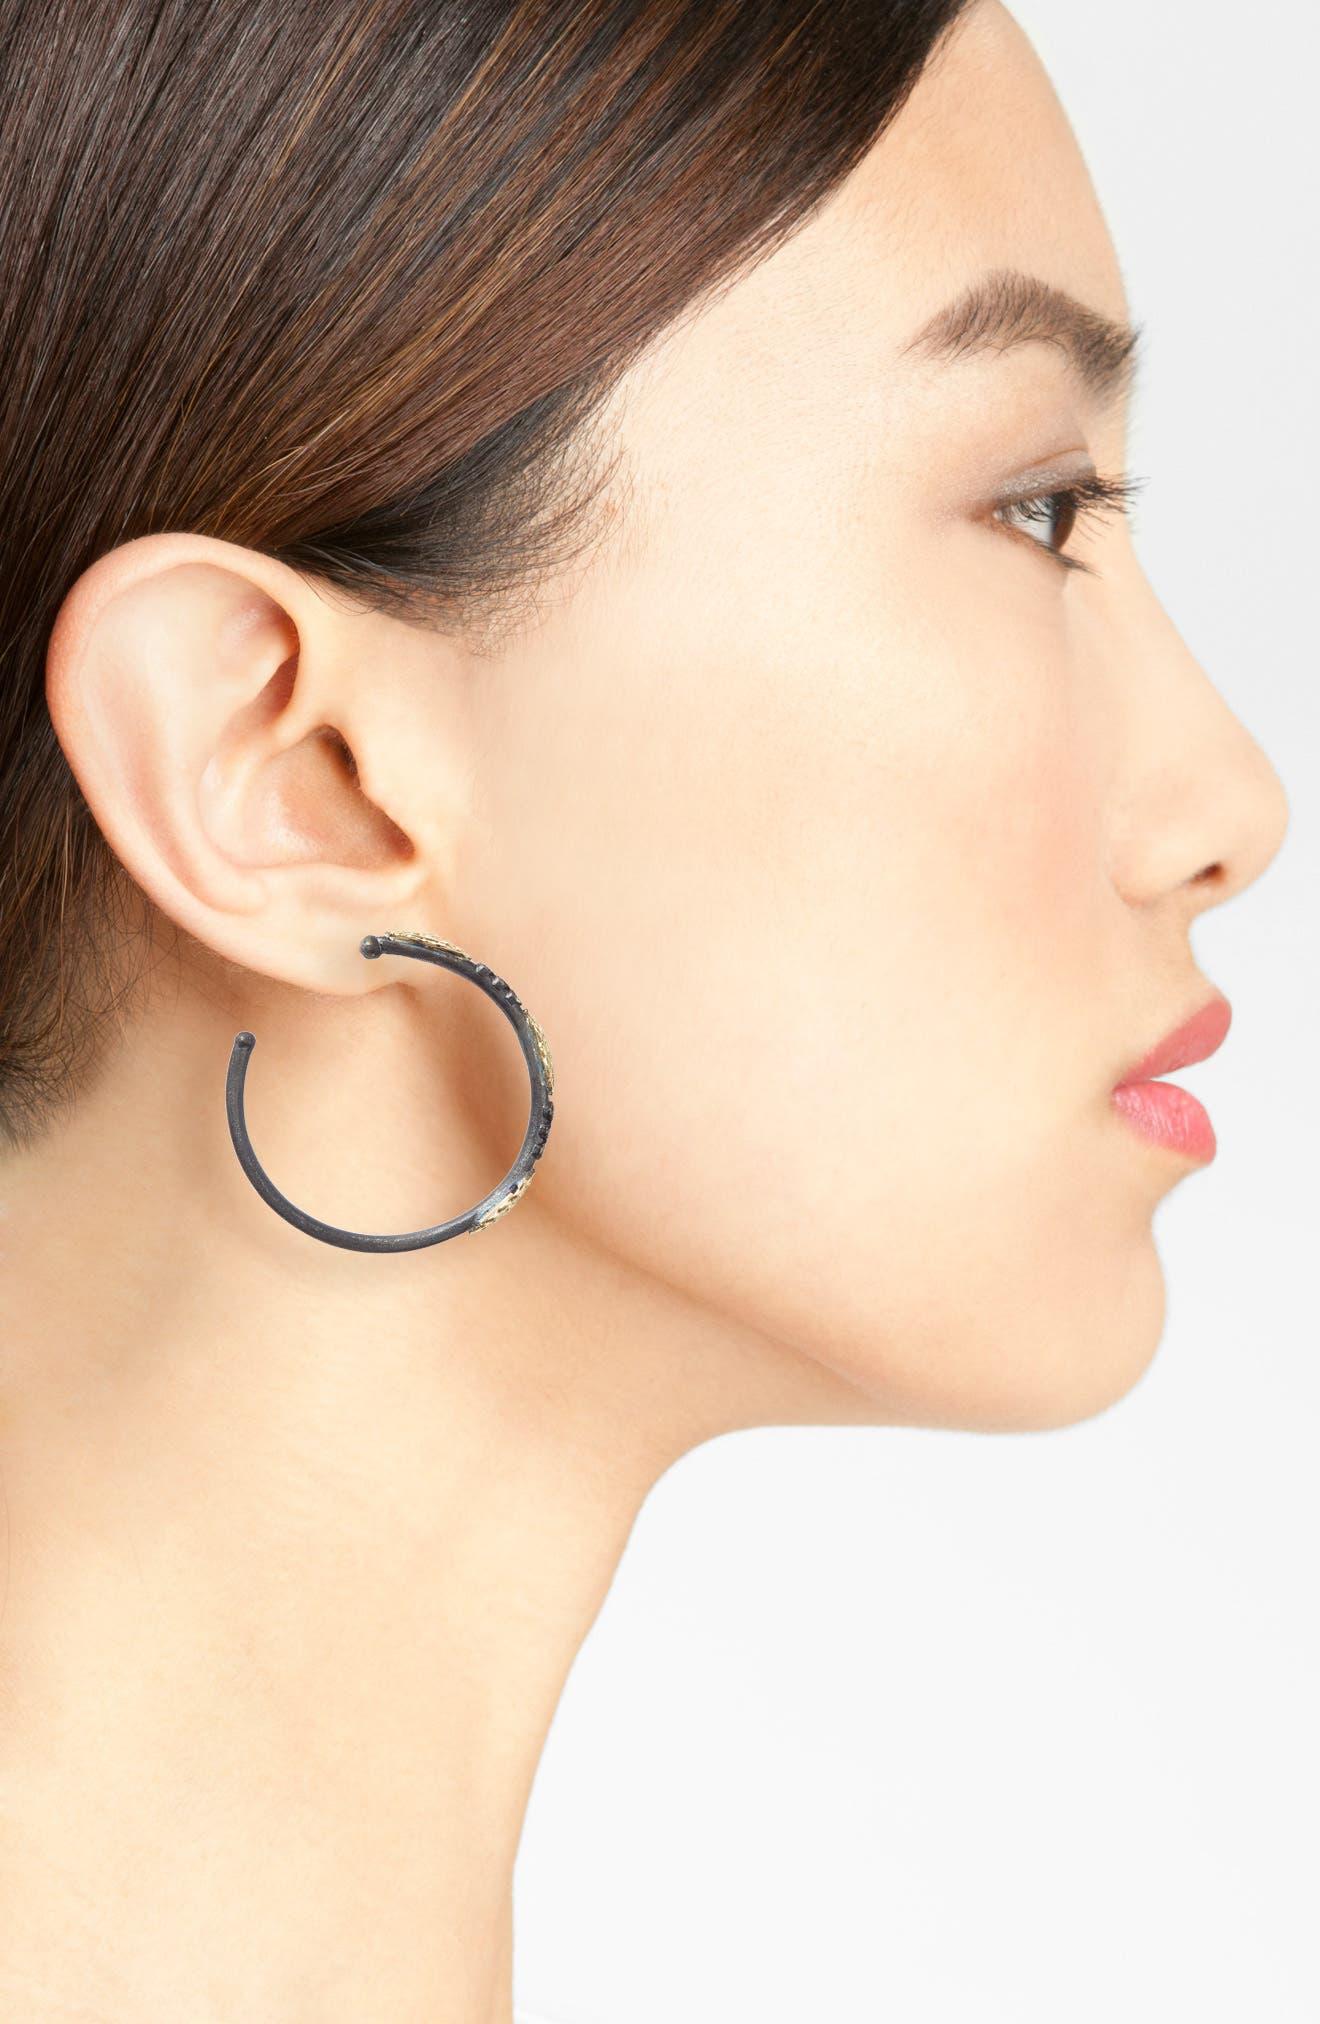 Old World Diamond Hoop Earrings,                             Alternate thumbnail 2, color,                             GOLD